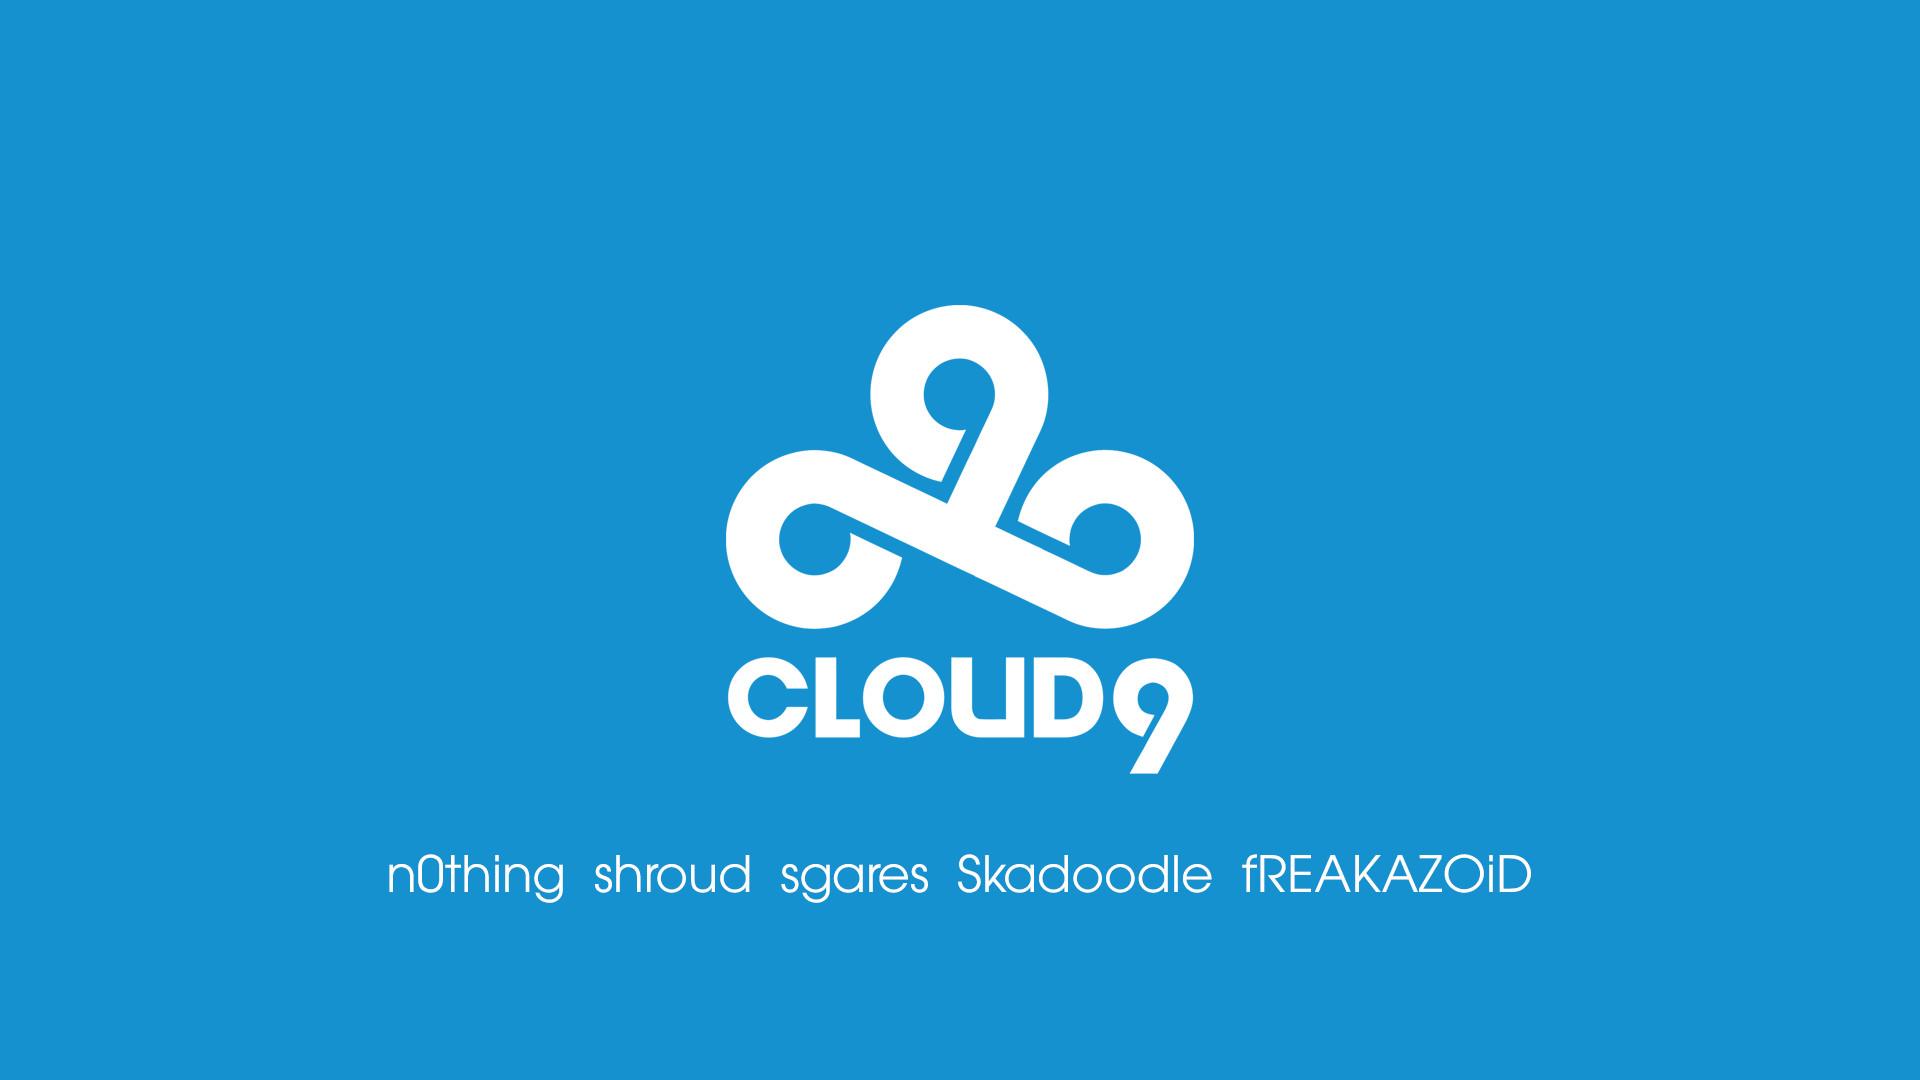 Cloud9 blue/white